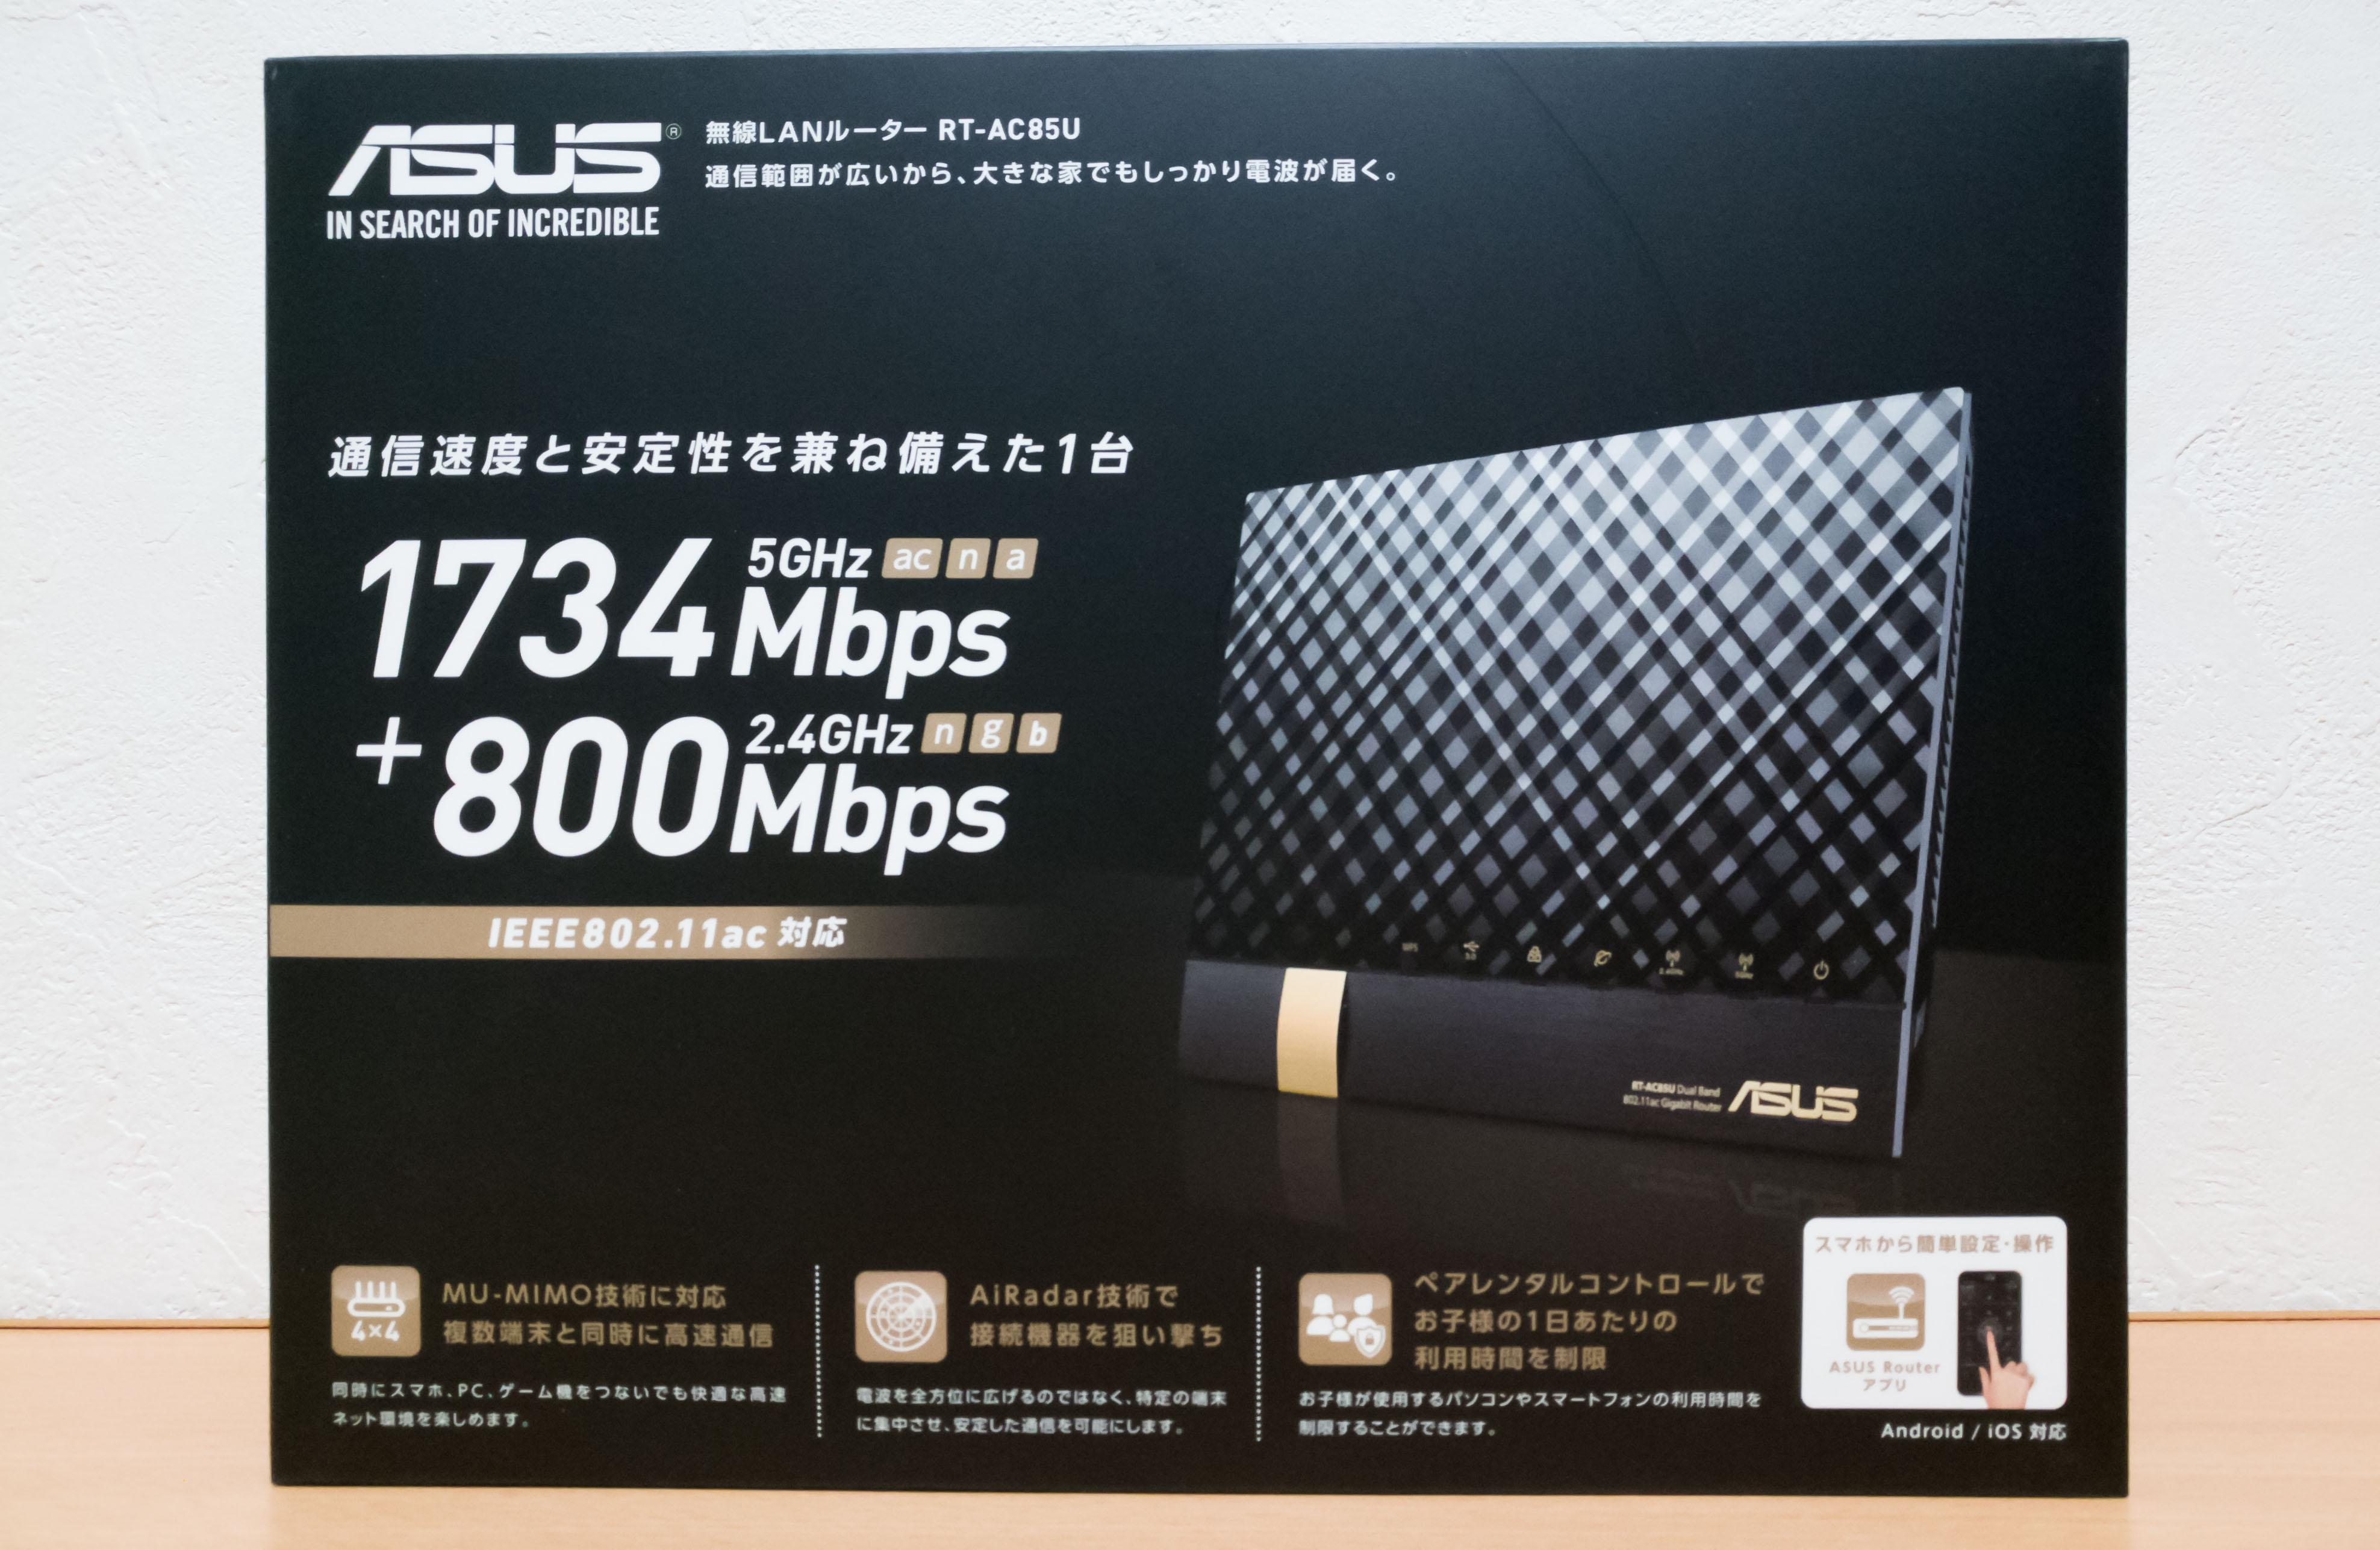 最大1,734Mbps対応の無線LANルーター『ASUS RT-AC85U』レビュー